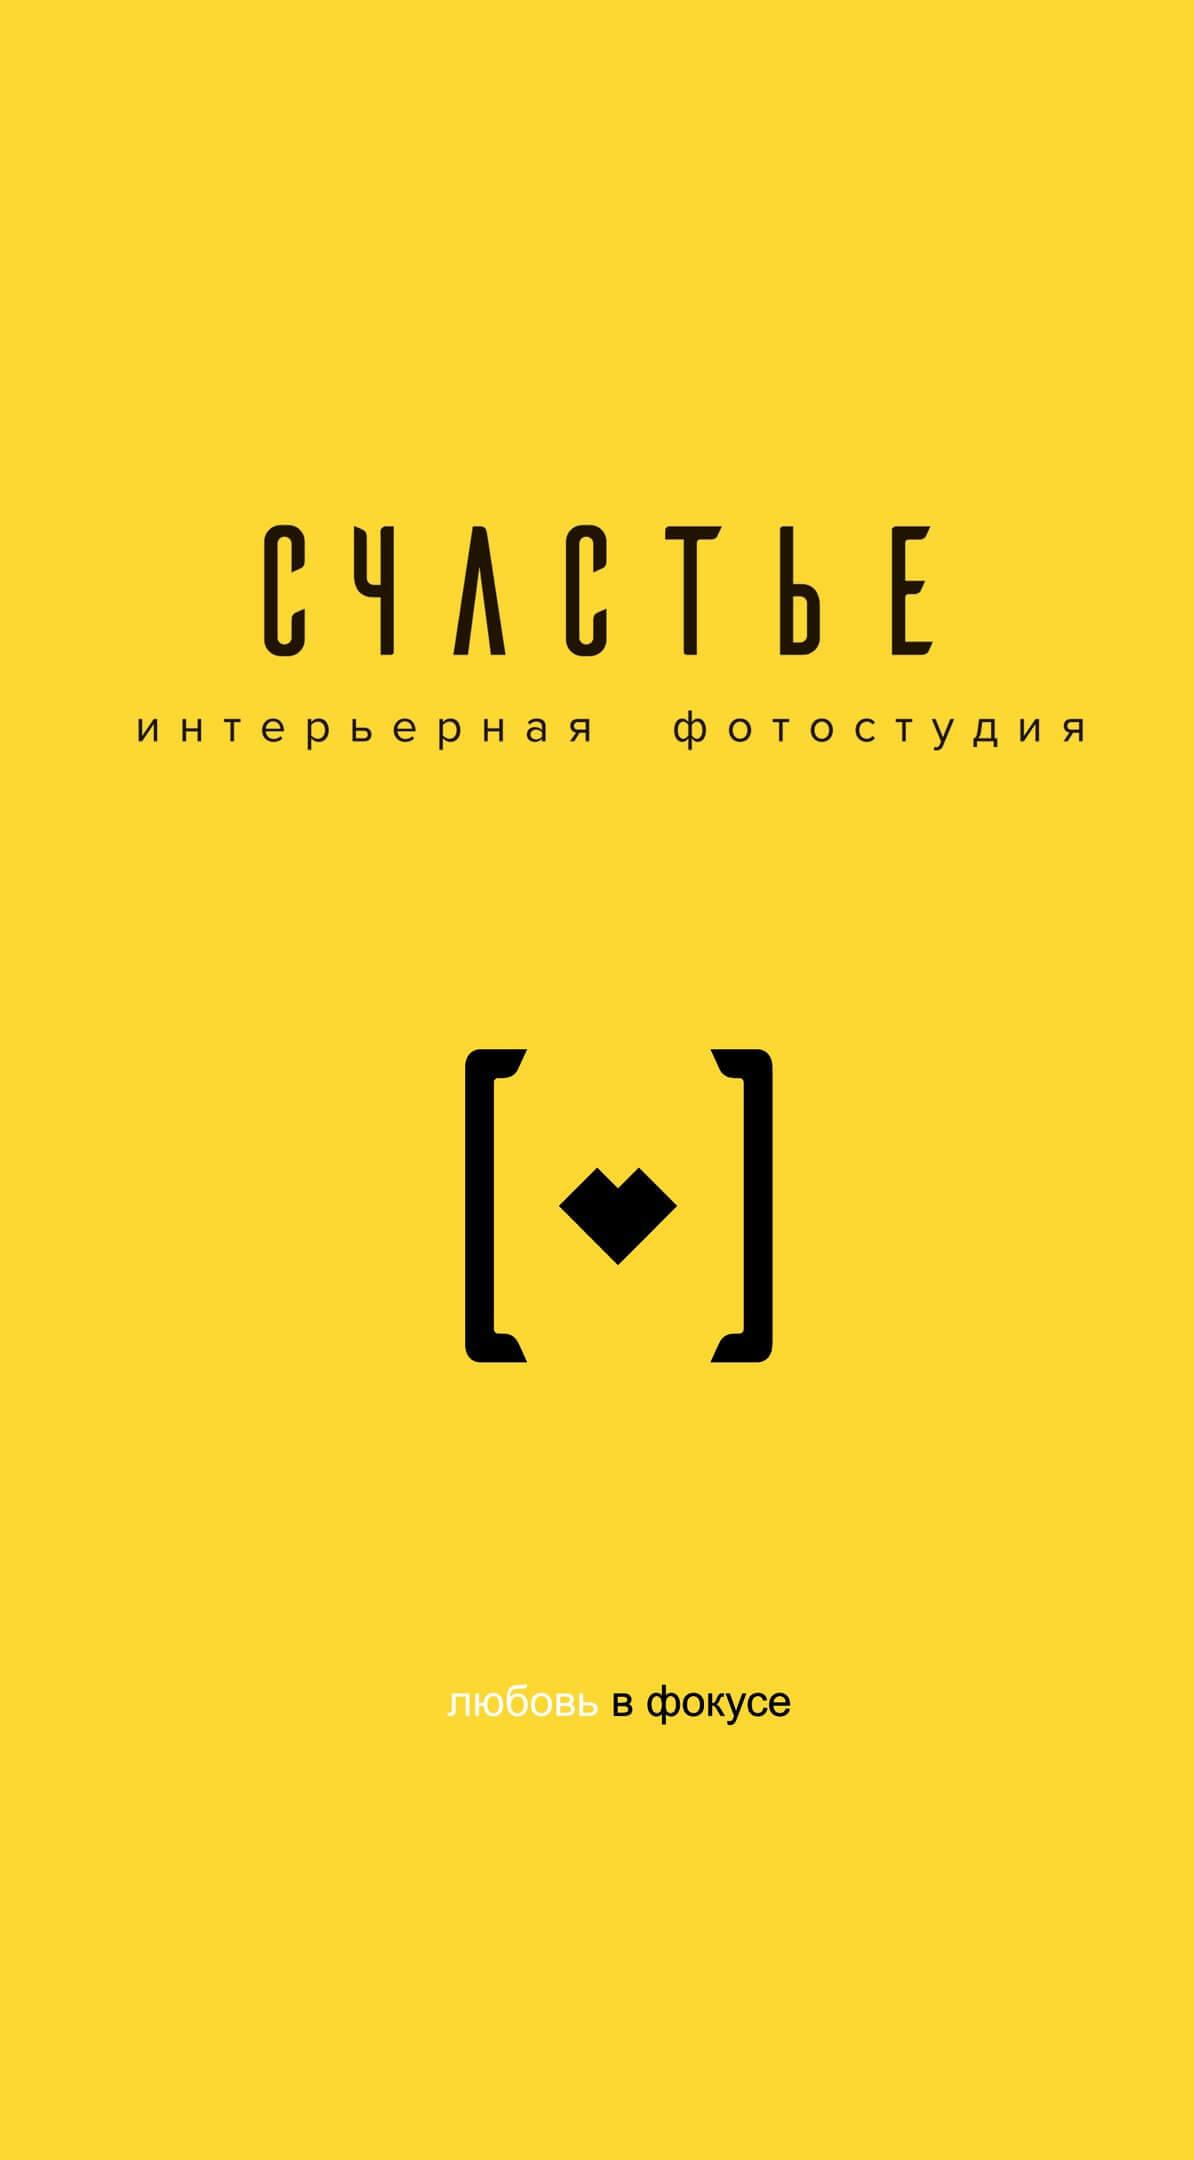 fotostudija-schaste-kiev-biznes-portret-fotograf-dlja-zhenskaja-muzhskaja-detskaja-fotosessija-modelnaja-love-story-beremennost-8